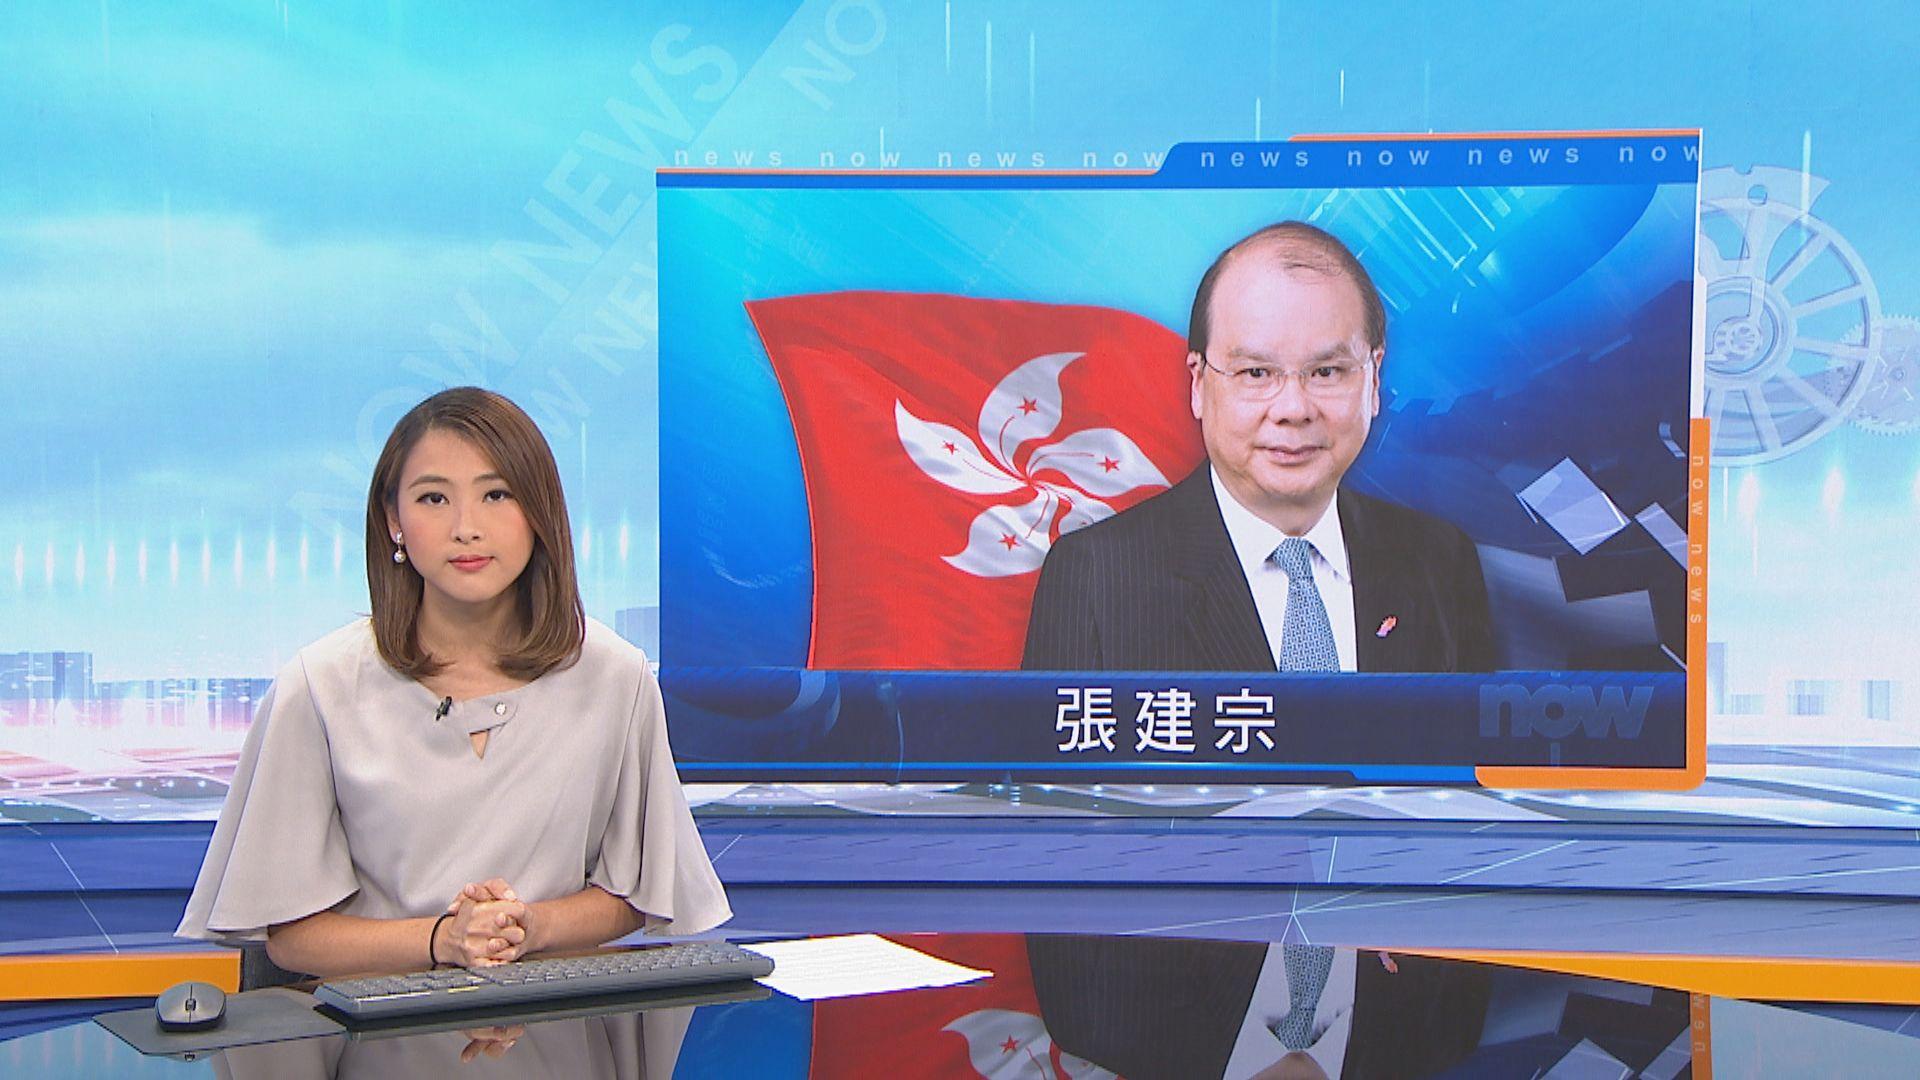 張建宗:政府以開放態度審視法例應對示威